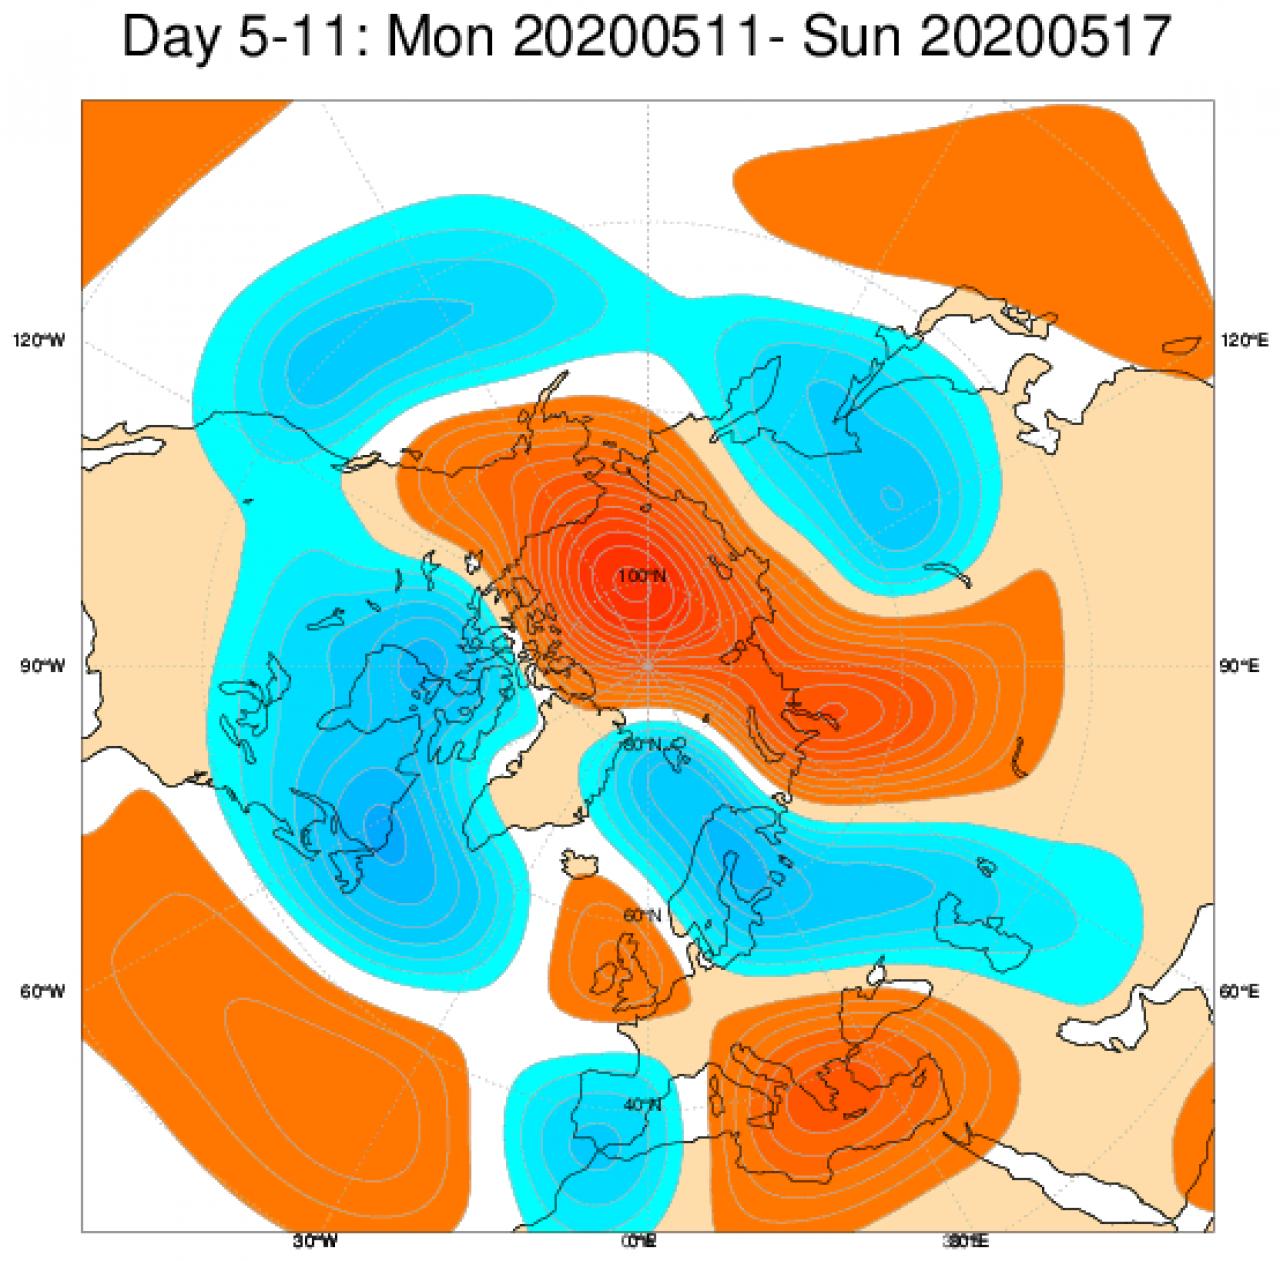 Anomalie di geopotenziale a 500hPa attese in Europa tra l'11 e il 17 maggio secondo il modello ECMWF